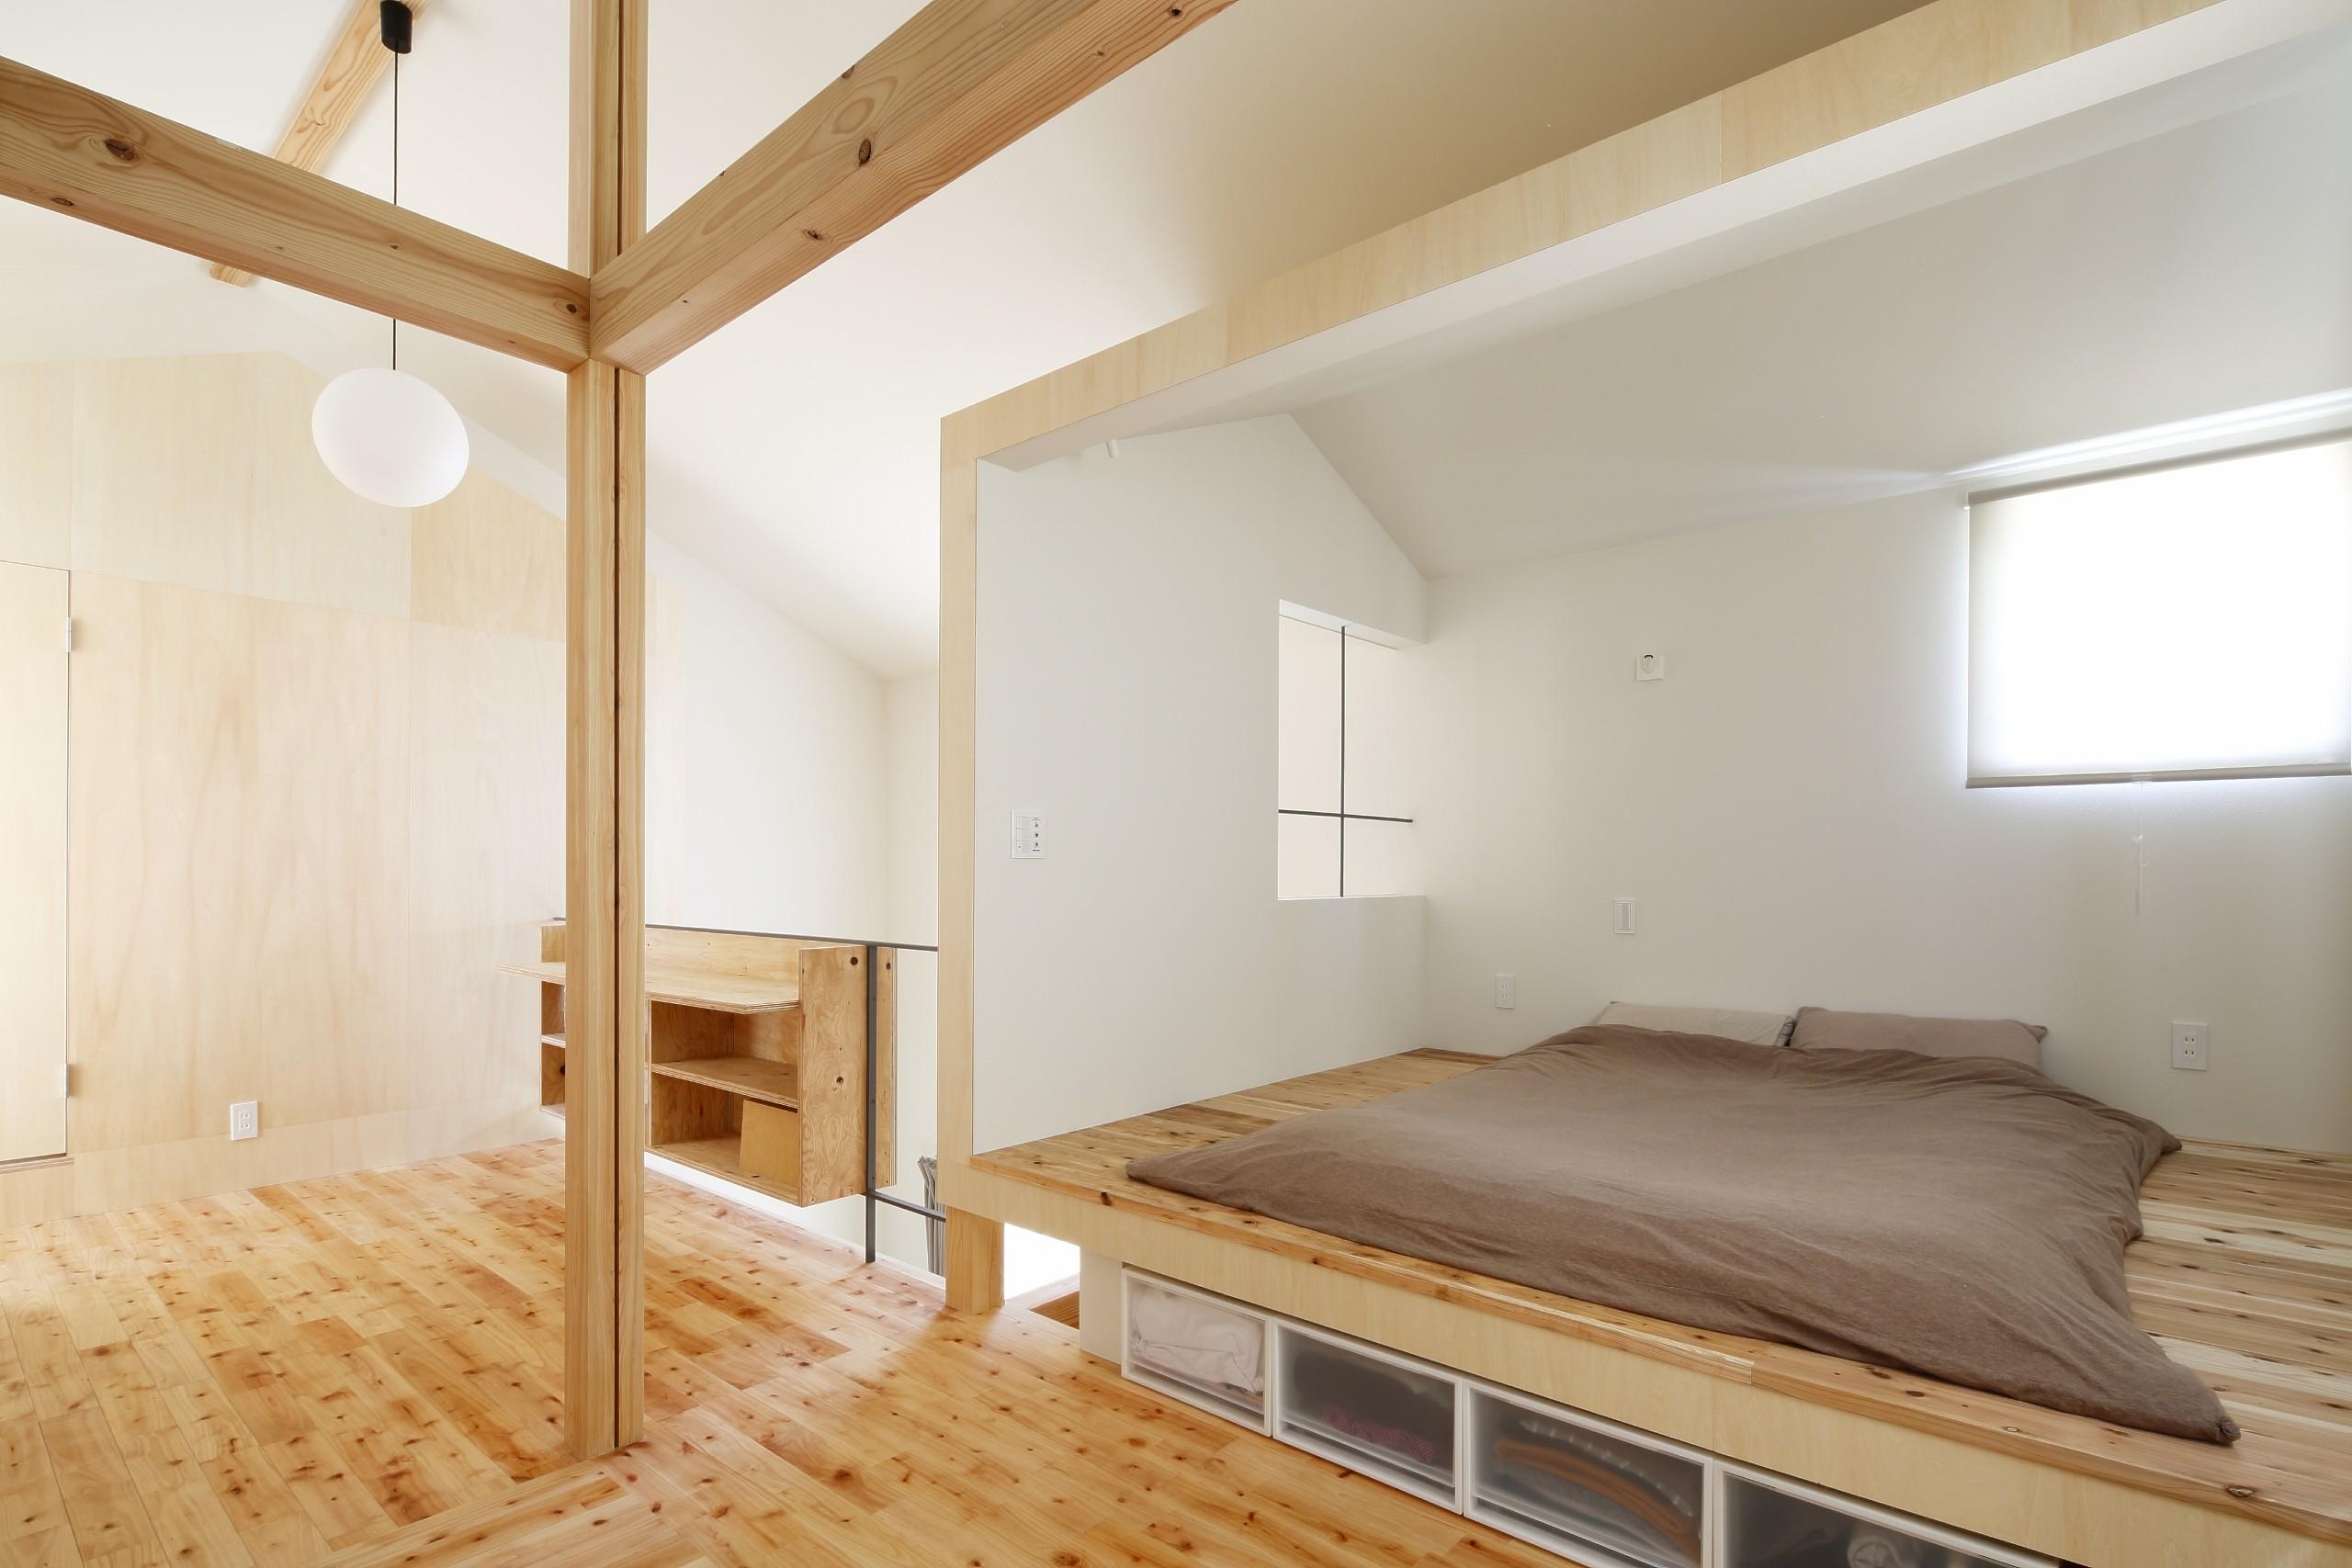 ベッドルーム事例:寝室(公園の傍の家)